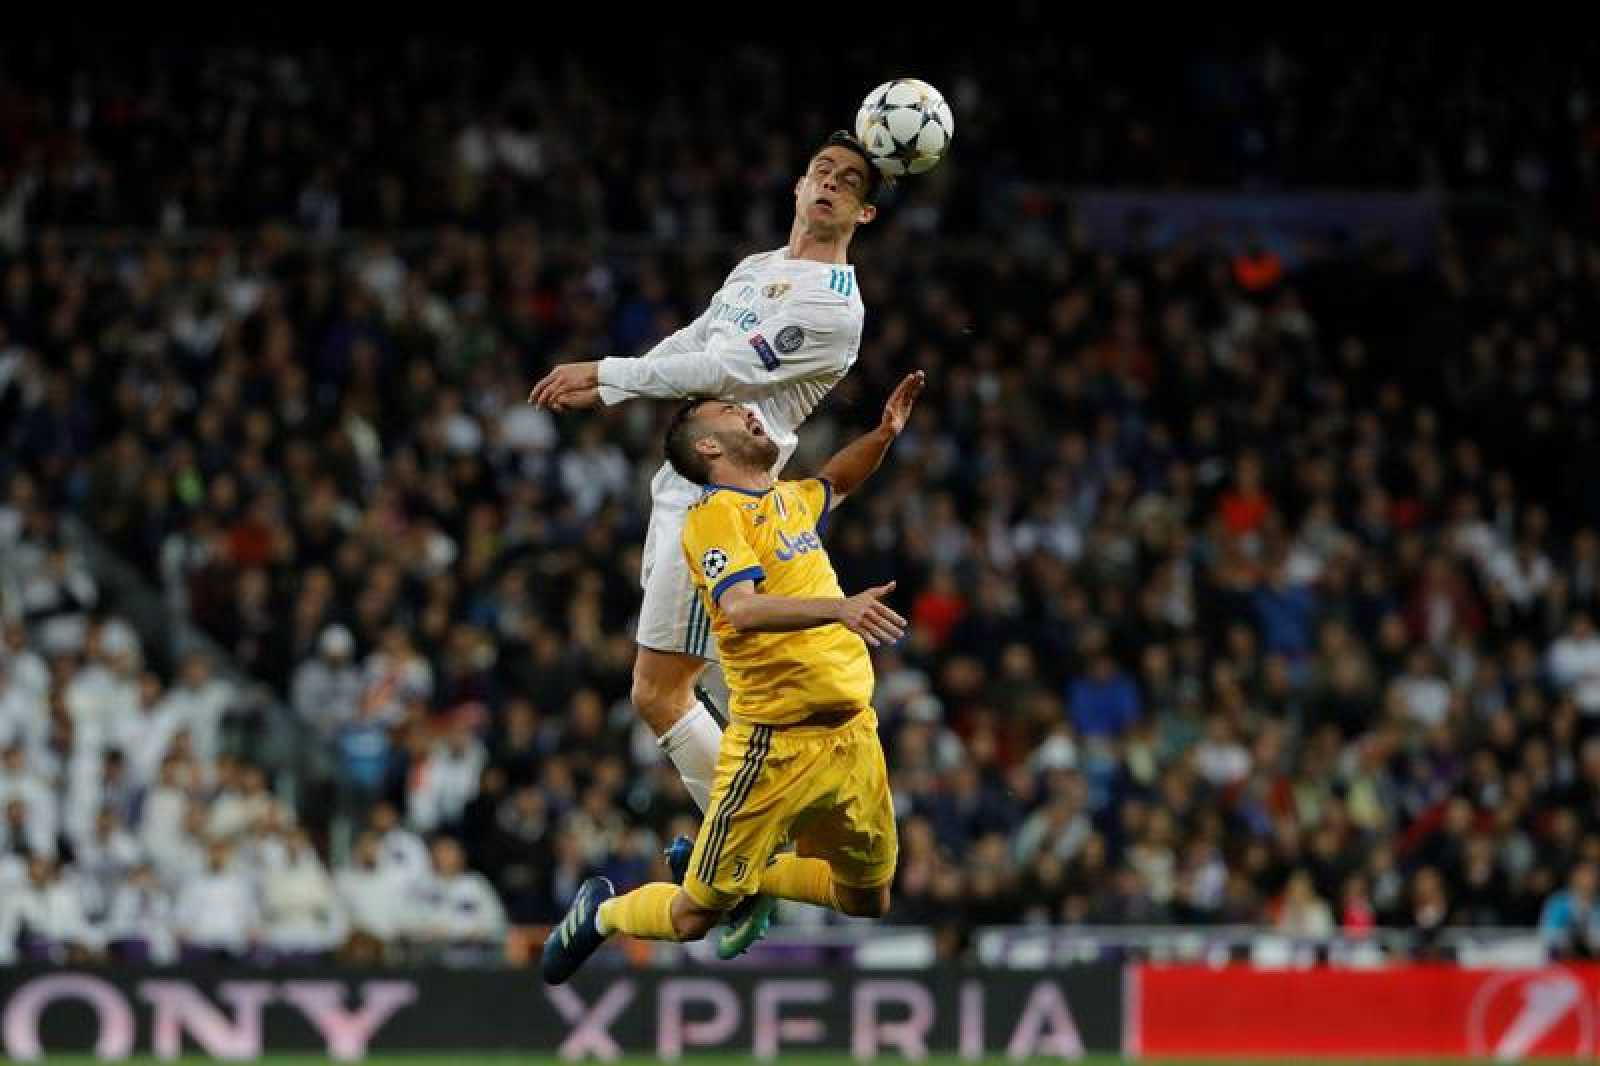 El Real Madrid lo consigue con el gol del «Mister Champion»